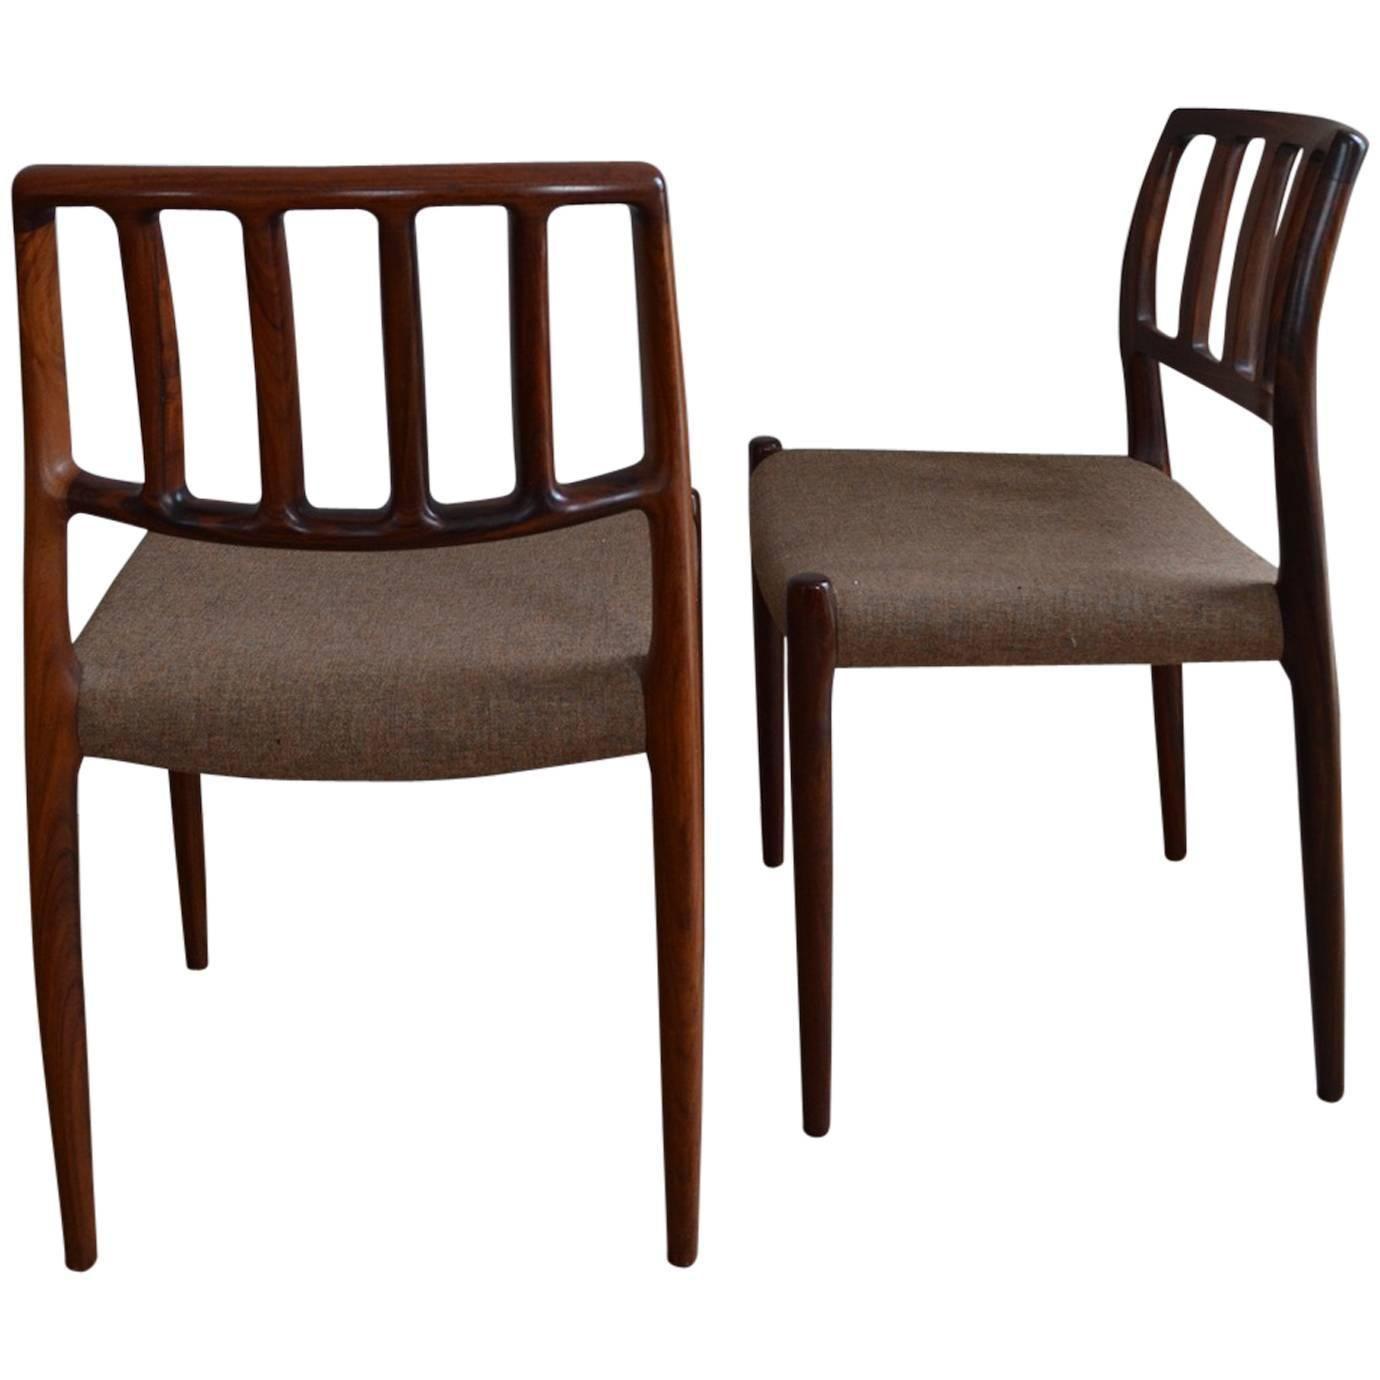 Six Niels O. Møller For J.L. Møller Møbelfabrik Model 83 Dining Chair